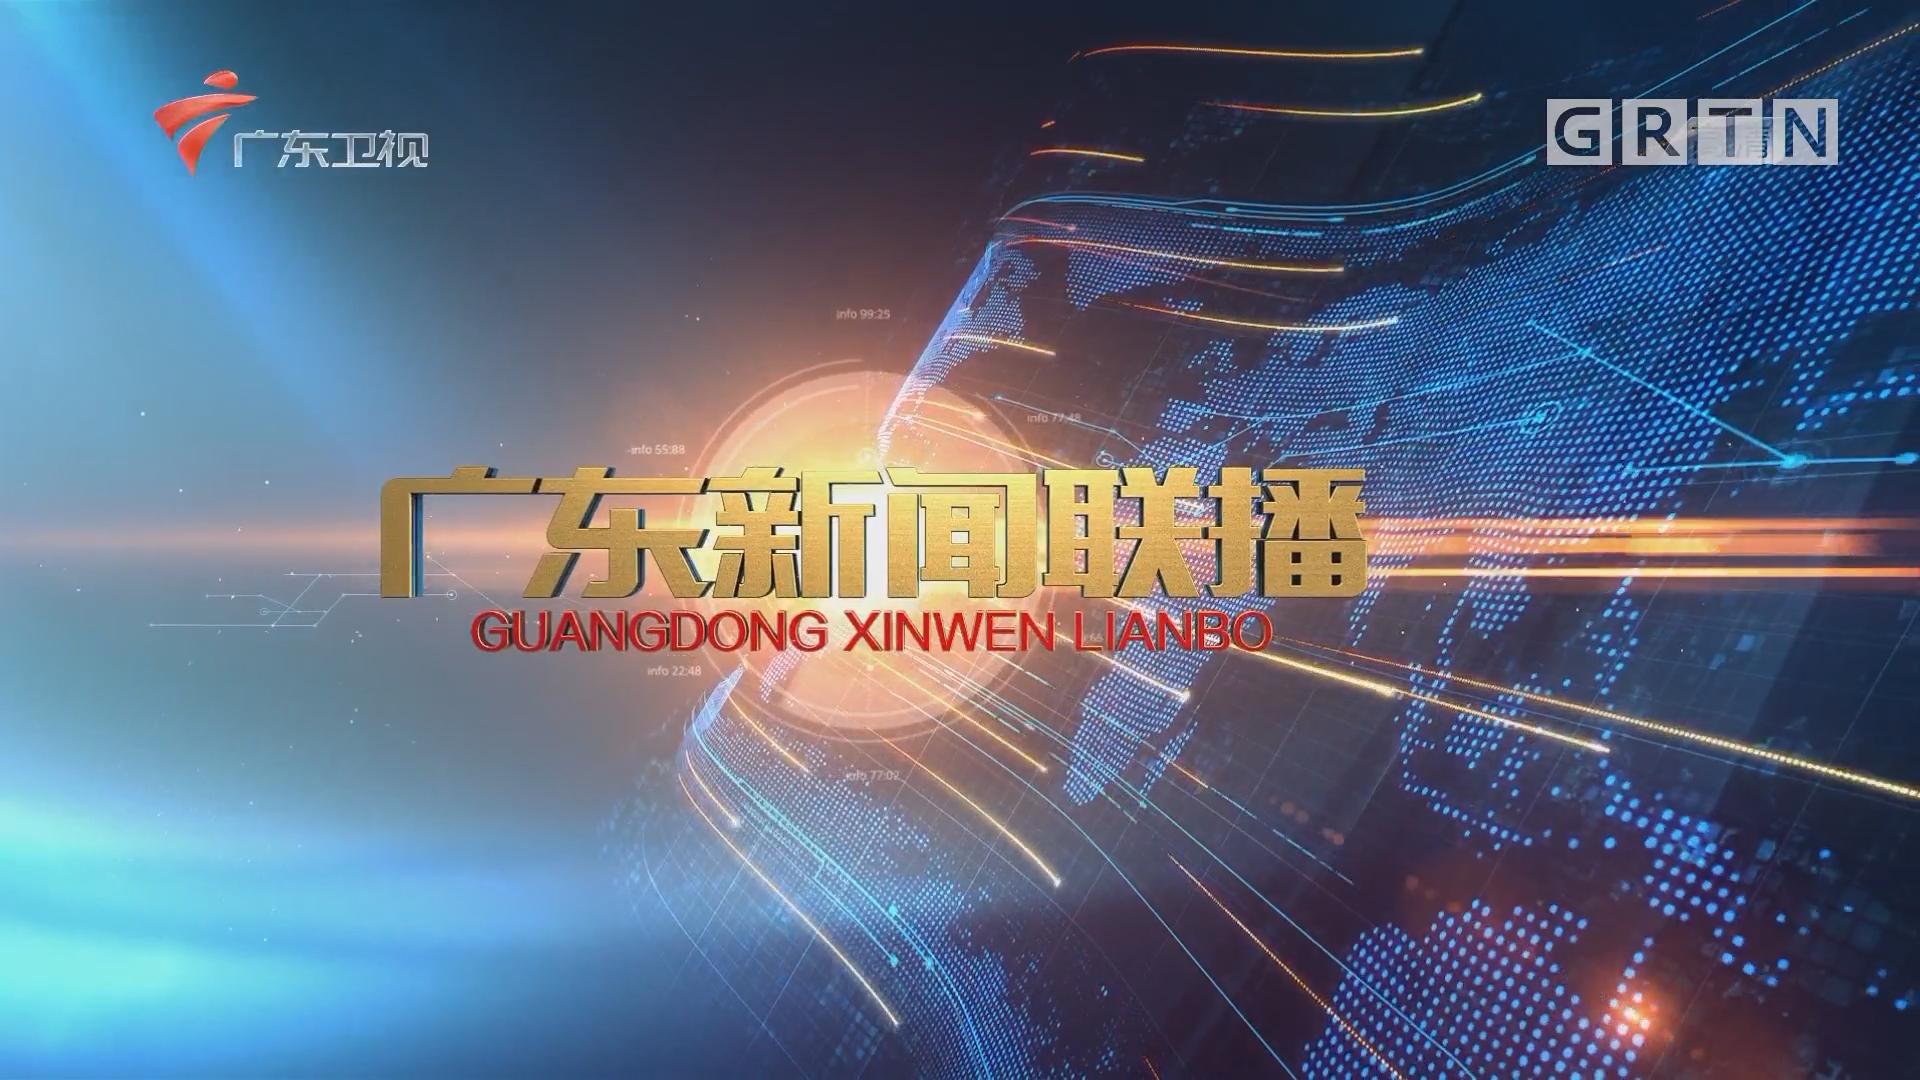 [HD][2018-09-04]广东新闻联播:2018年中非合作论坛北京峰会成果丰硕